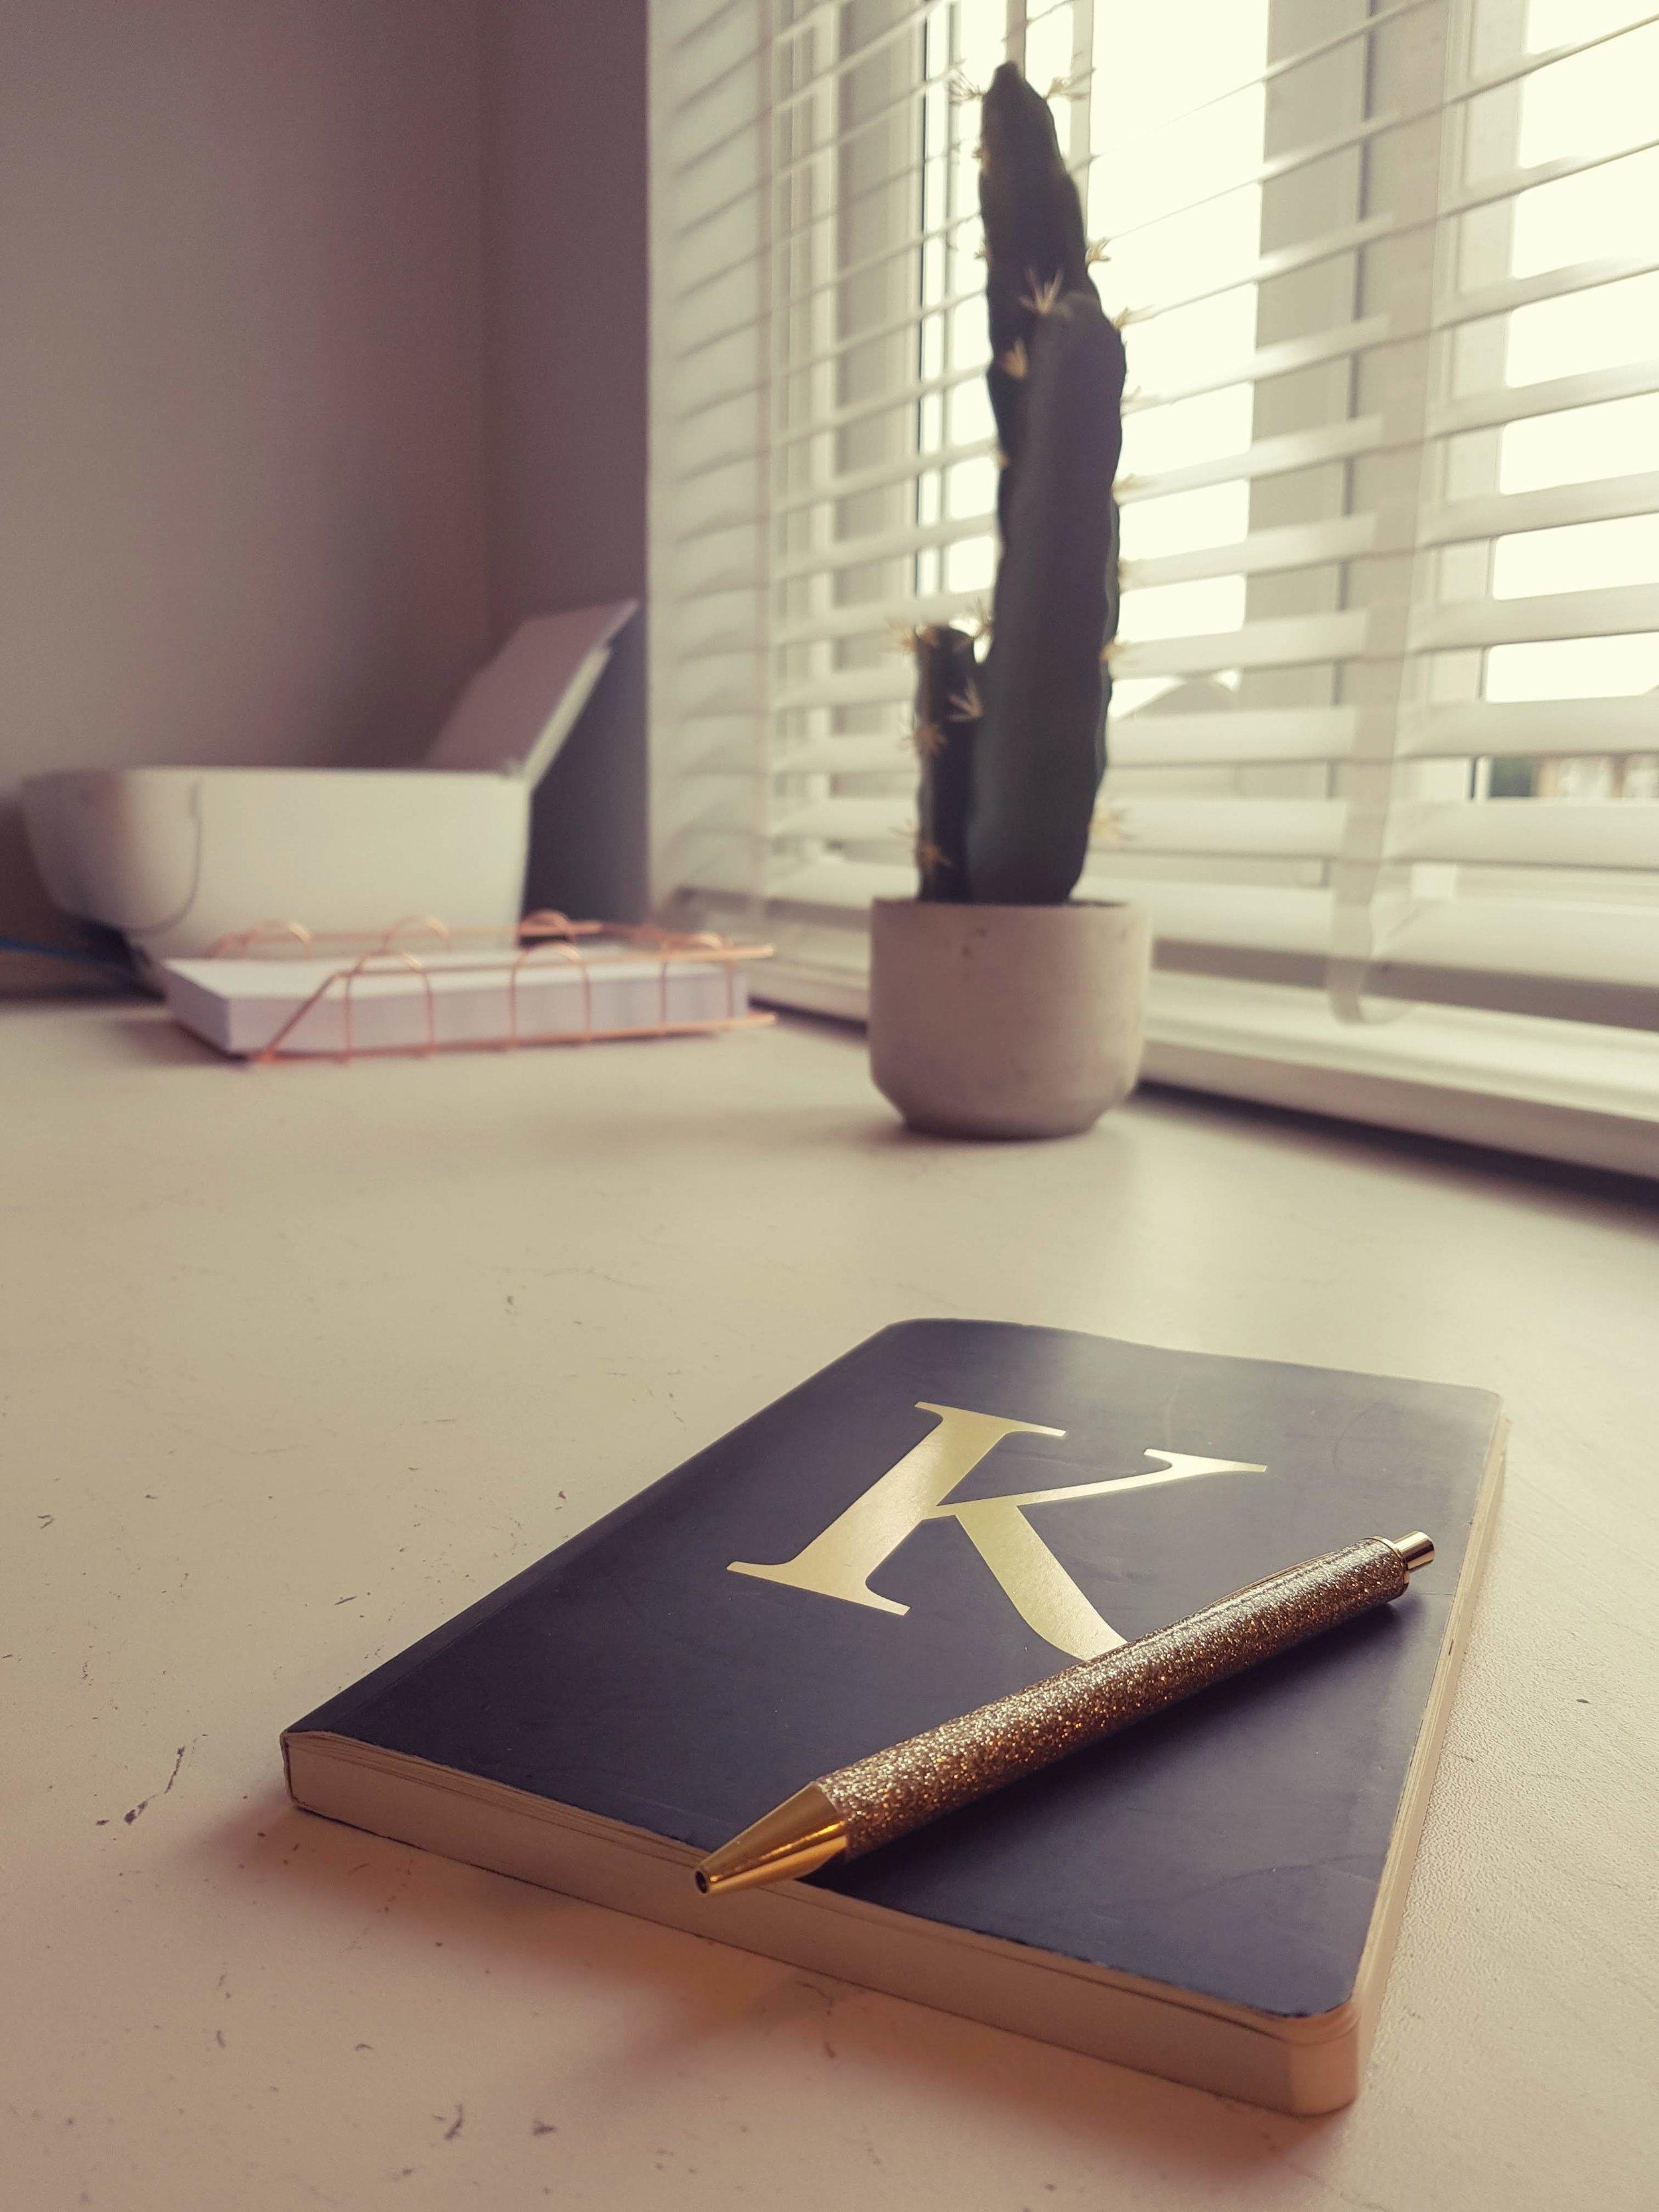 k office desk.jpg